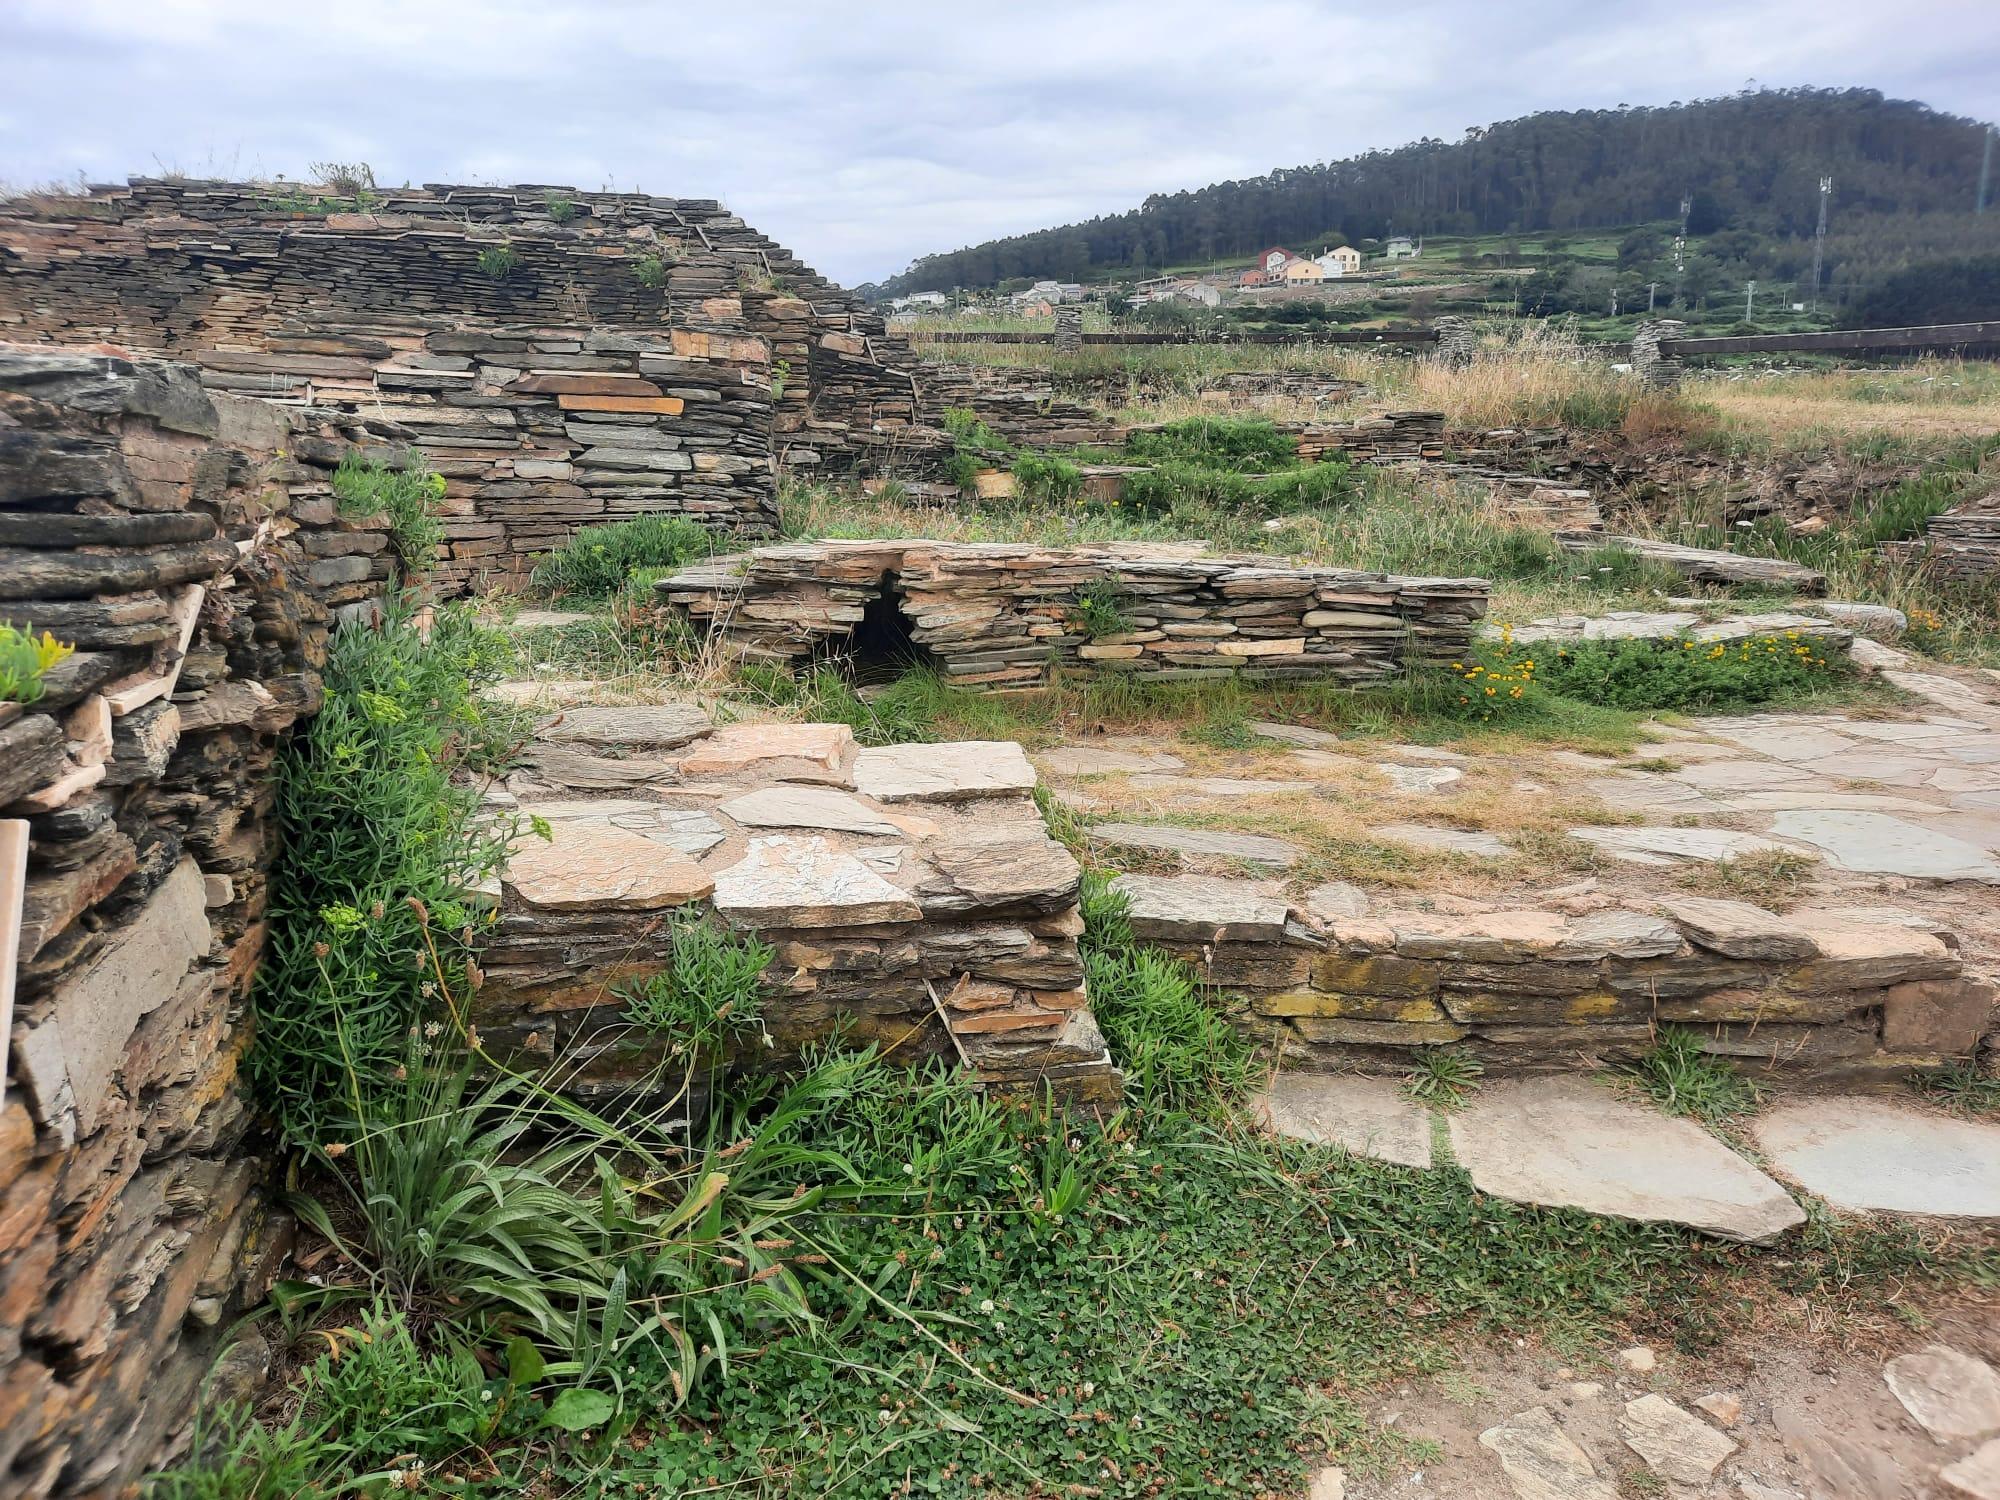 O Concello de Foz organiza charlas divulgativas no xacemento arqueolóxico de Carreiro-Marzán este venres